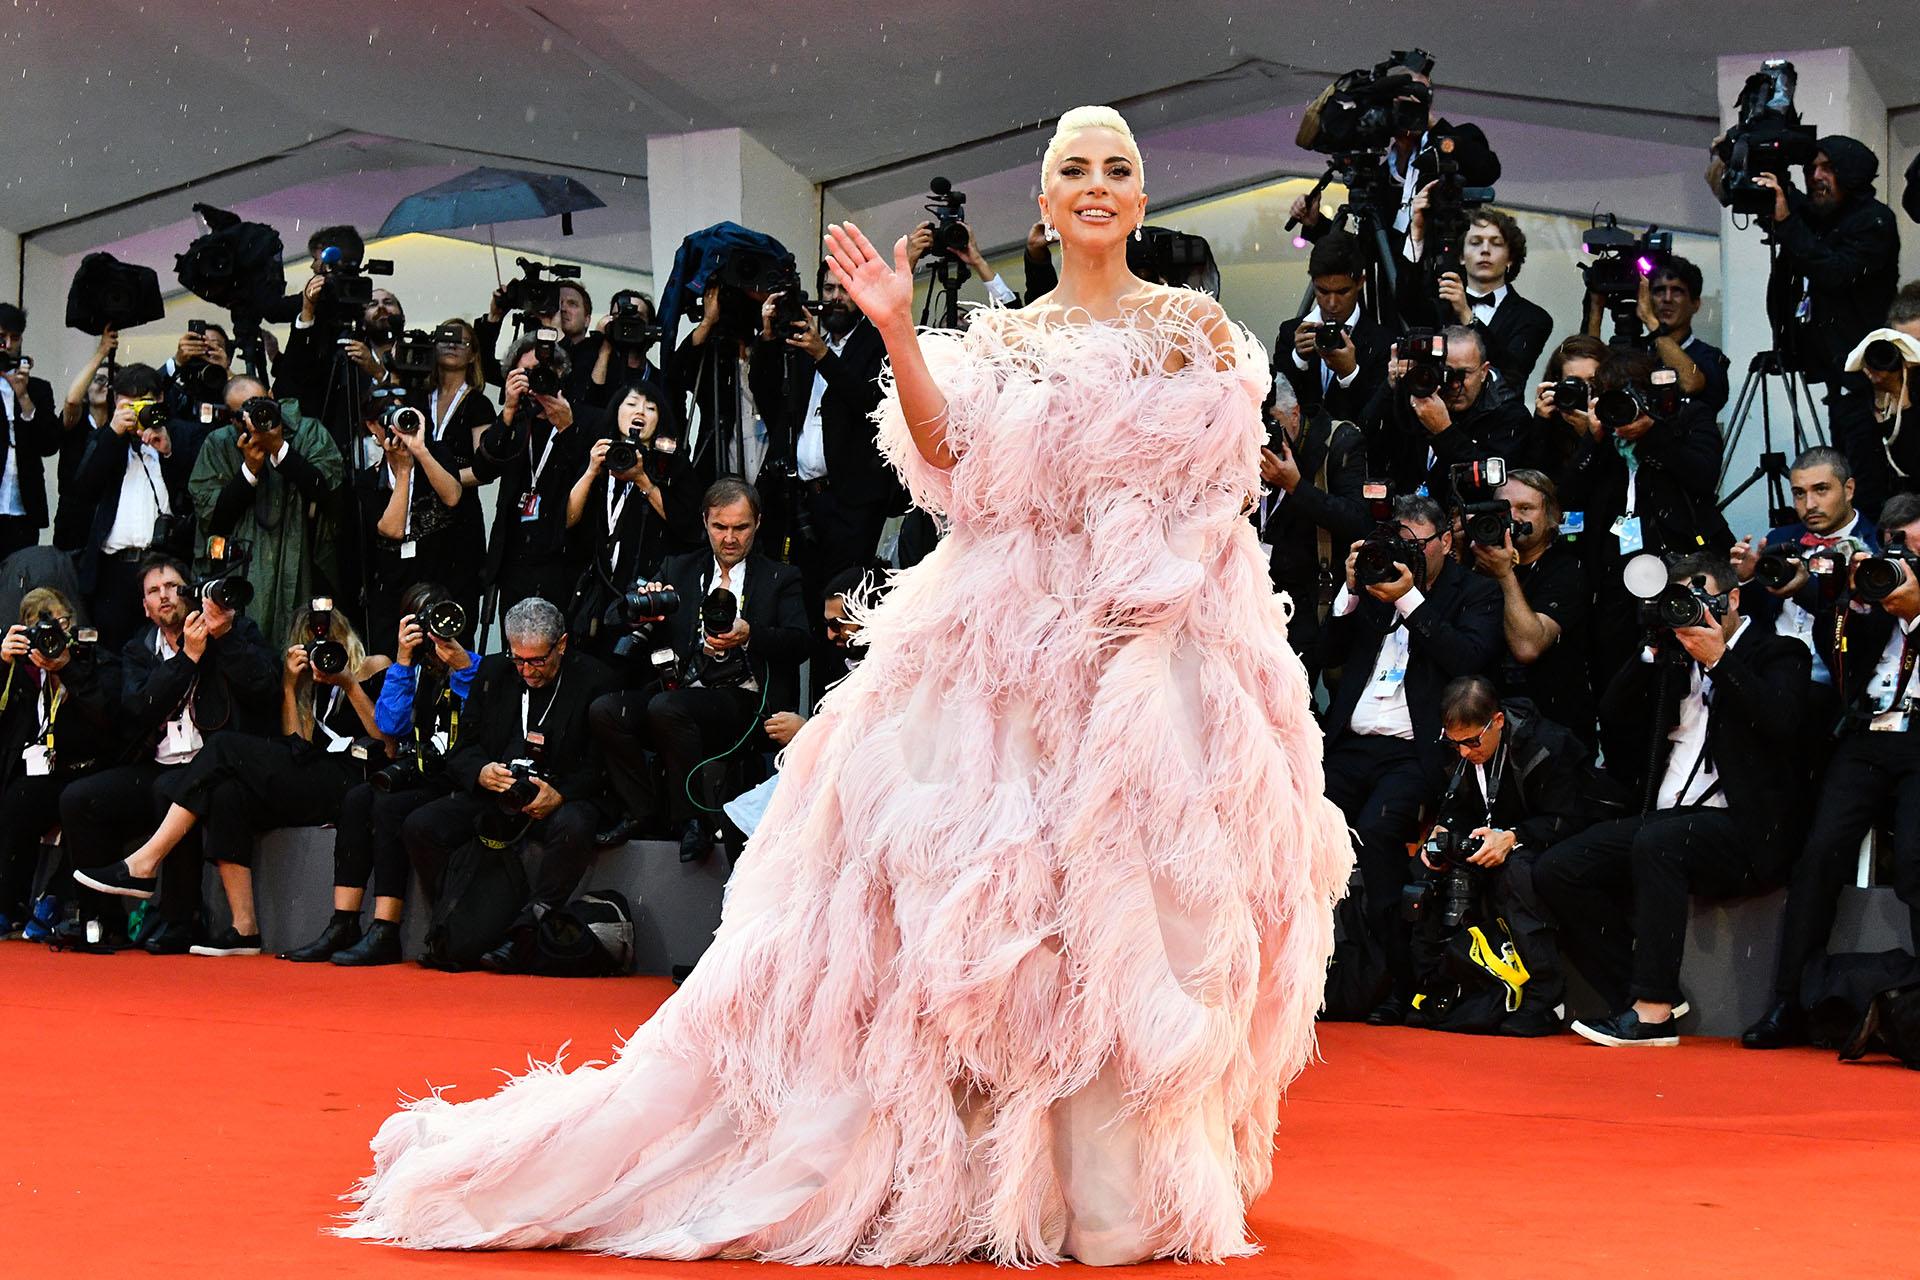 """La gran artista eclipsó a todas las celebridades con este súper vestido rosa con plumas, falda armada y cola diseñado por Valentino bajo el nombre """"Flamingo"""""""